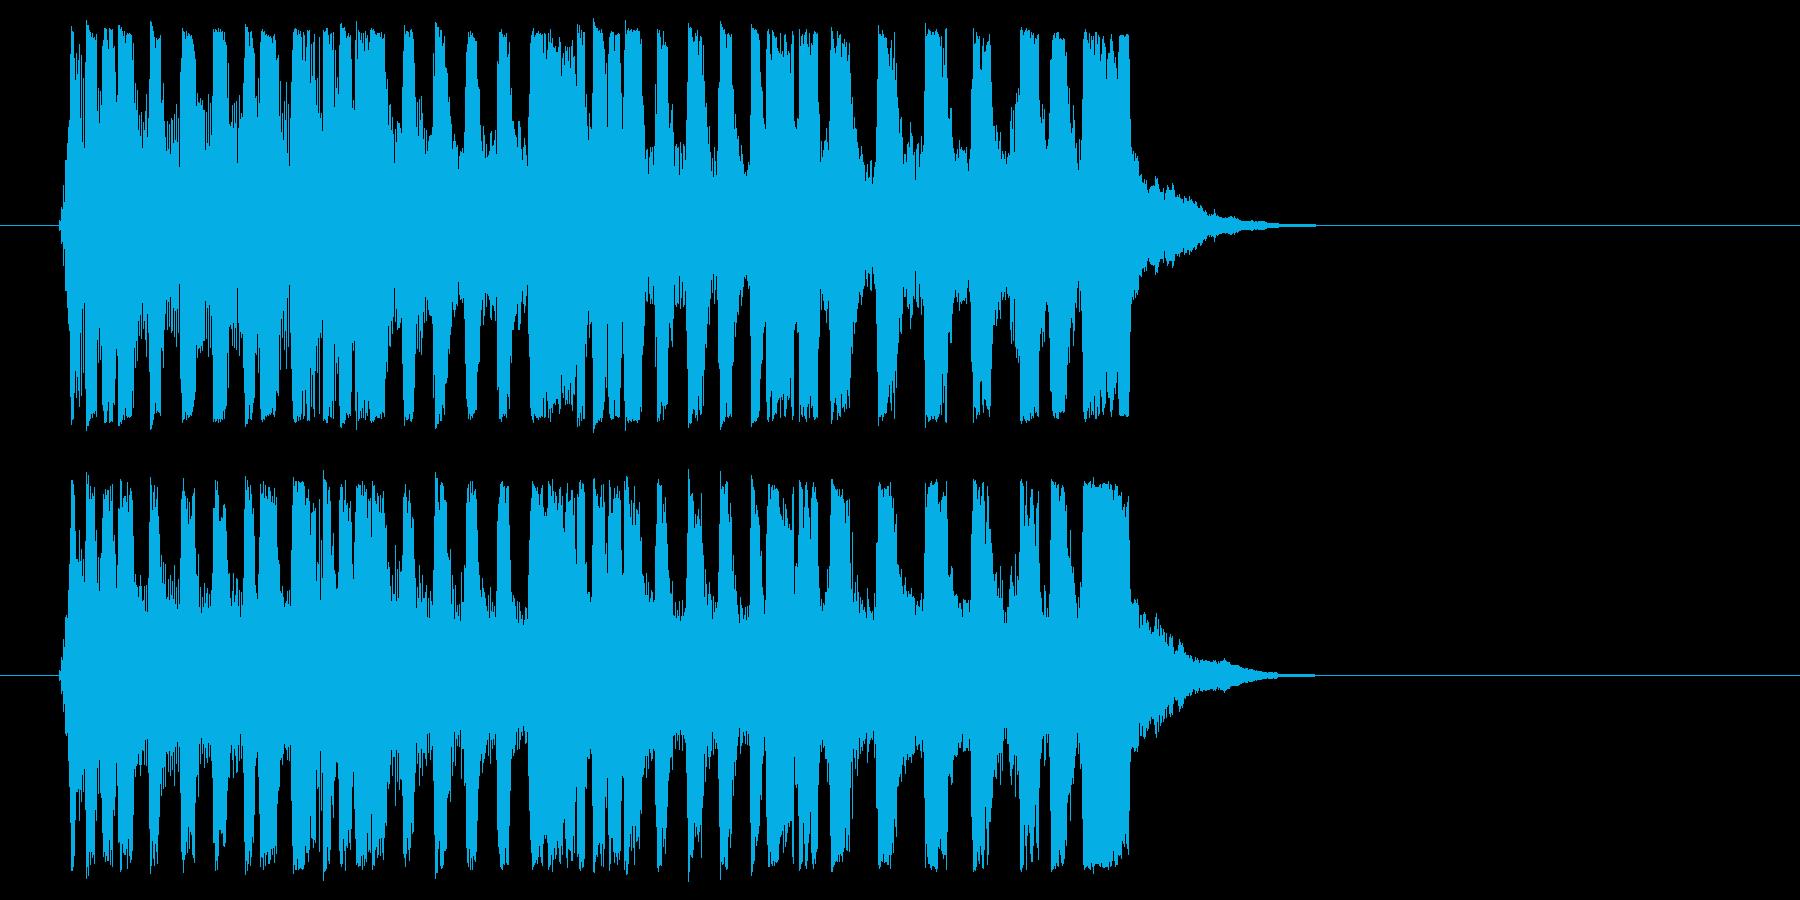 挑戦的 場面転換 オープニング 登場の再生済みの波形